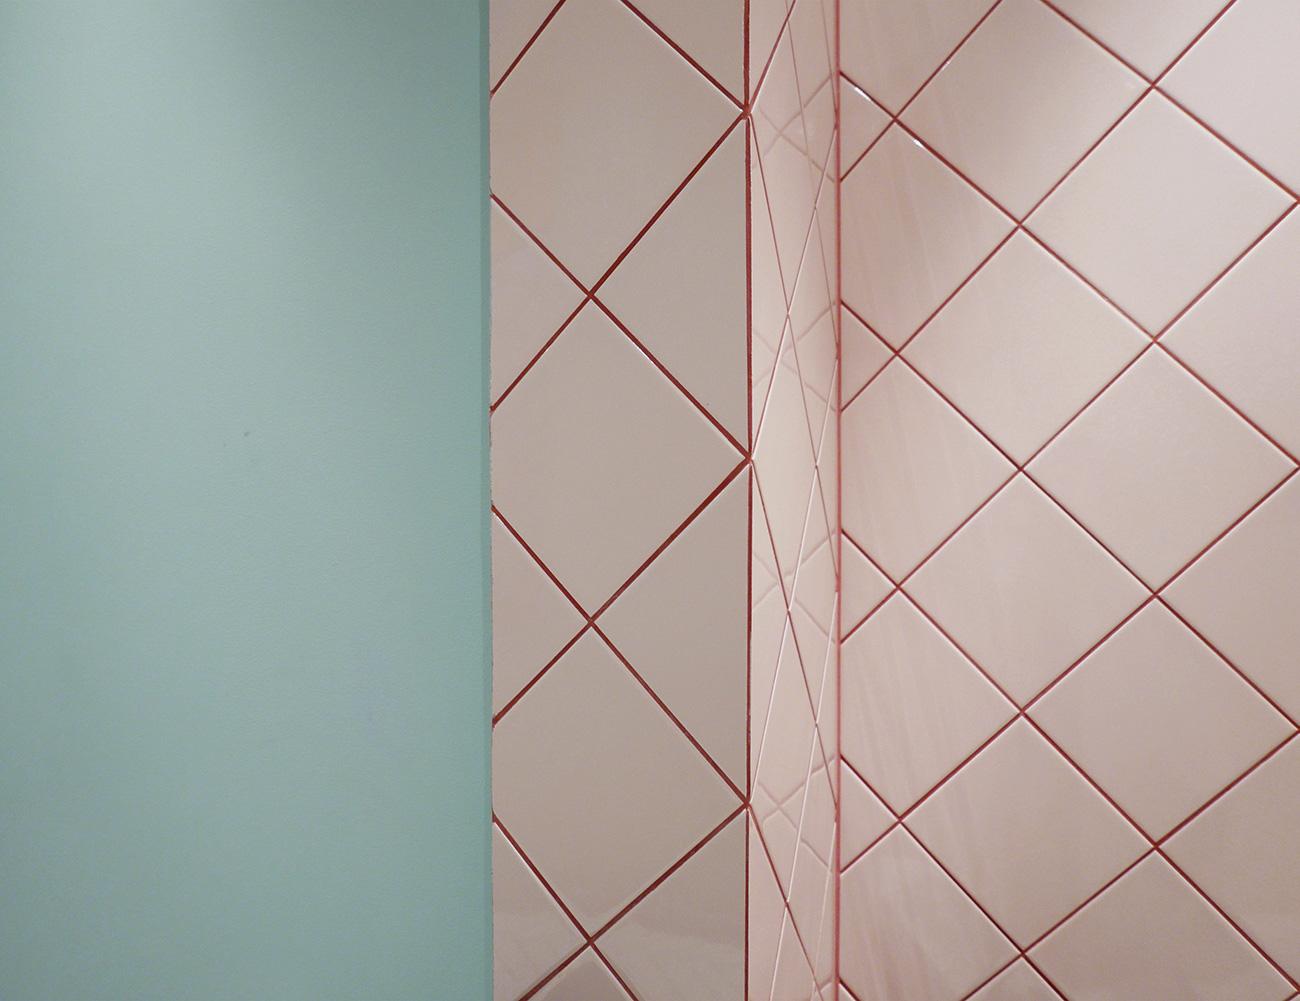 bathroom-inspo badrum-inspiration rosa-turkos-ljusblå kakel diagonal-sättning photo-Tekla-Evelina- eded3256f5e39